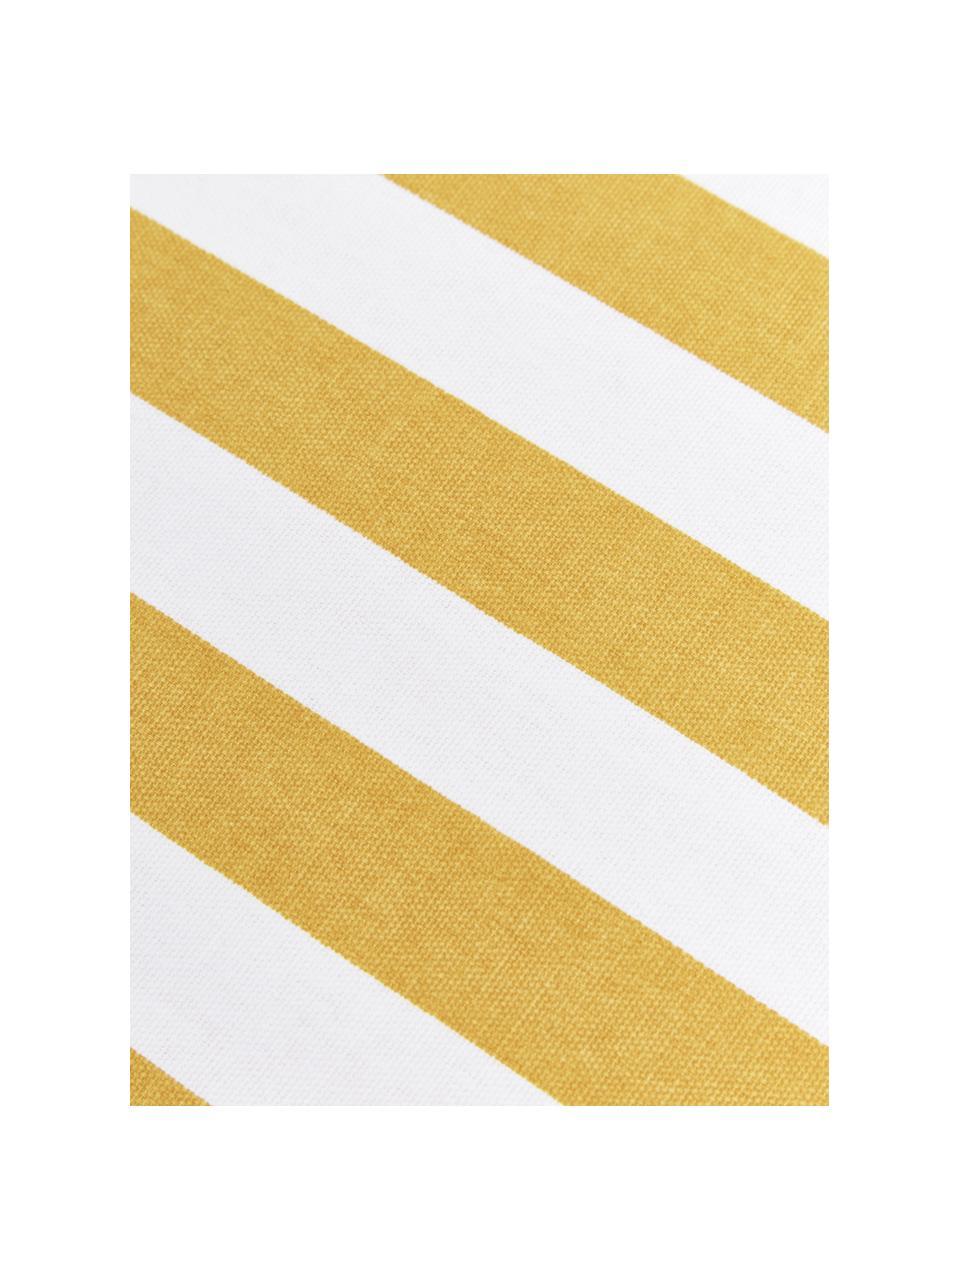 Hohes Sitzkissen Timon in Gelb/Weiß, gestreift, Bezug: 100% Baumwolle, Gelb, 40 x 40 cm